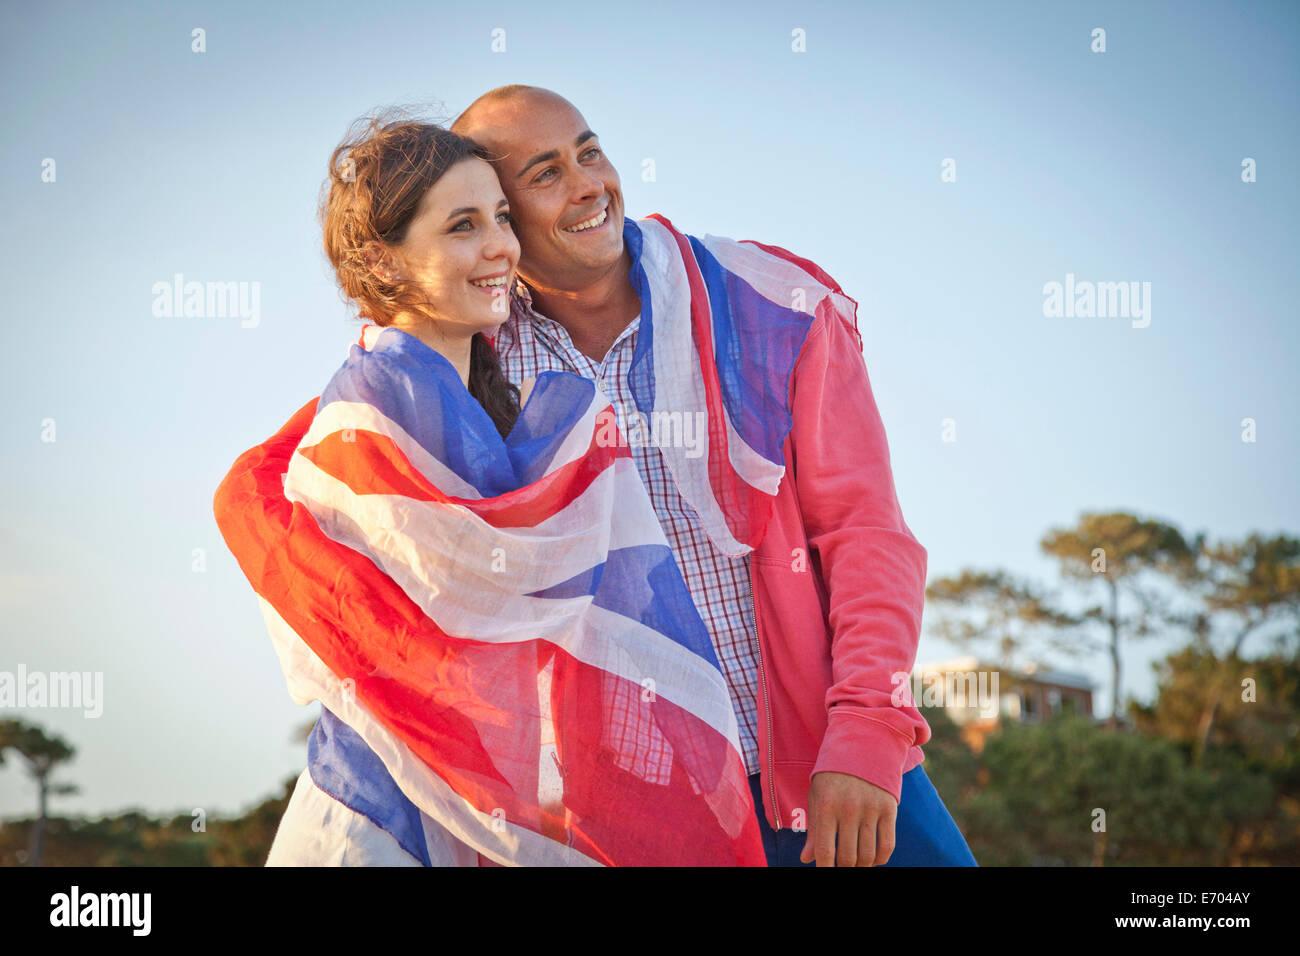 Paar verpackt in britische Flagge am Strand von Bournemouth, Dorset, Großbritannien Stockbild